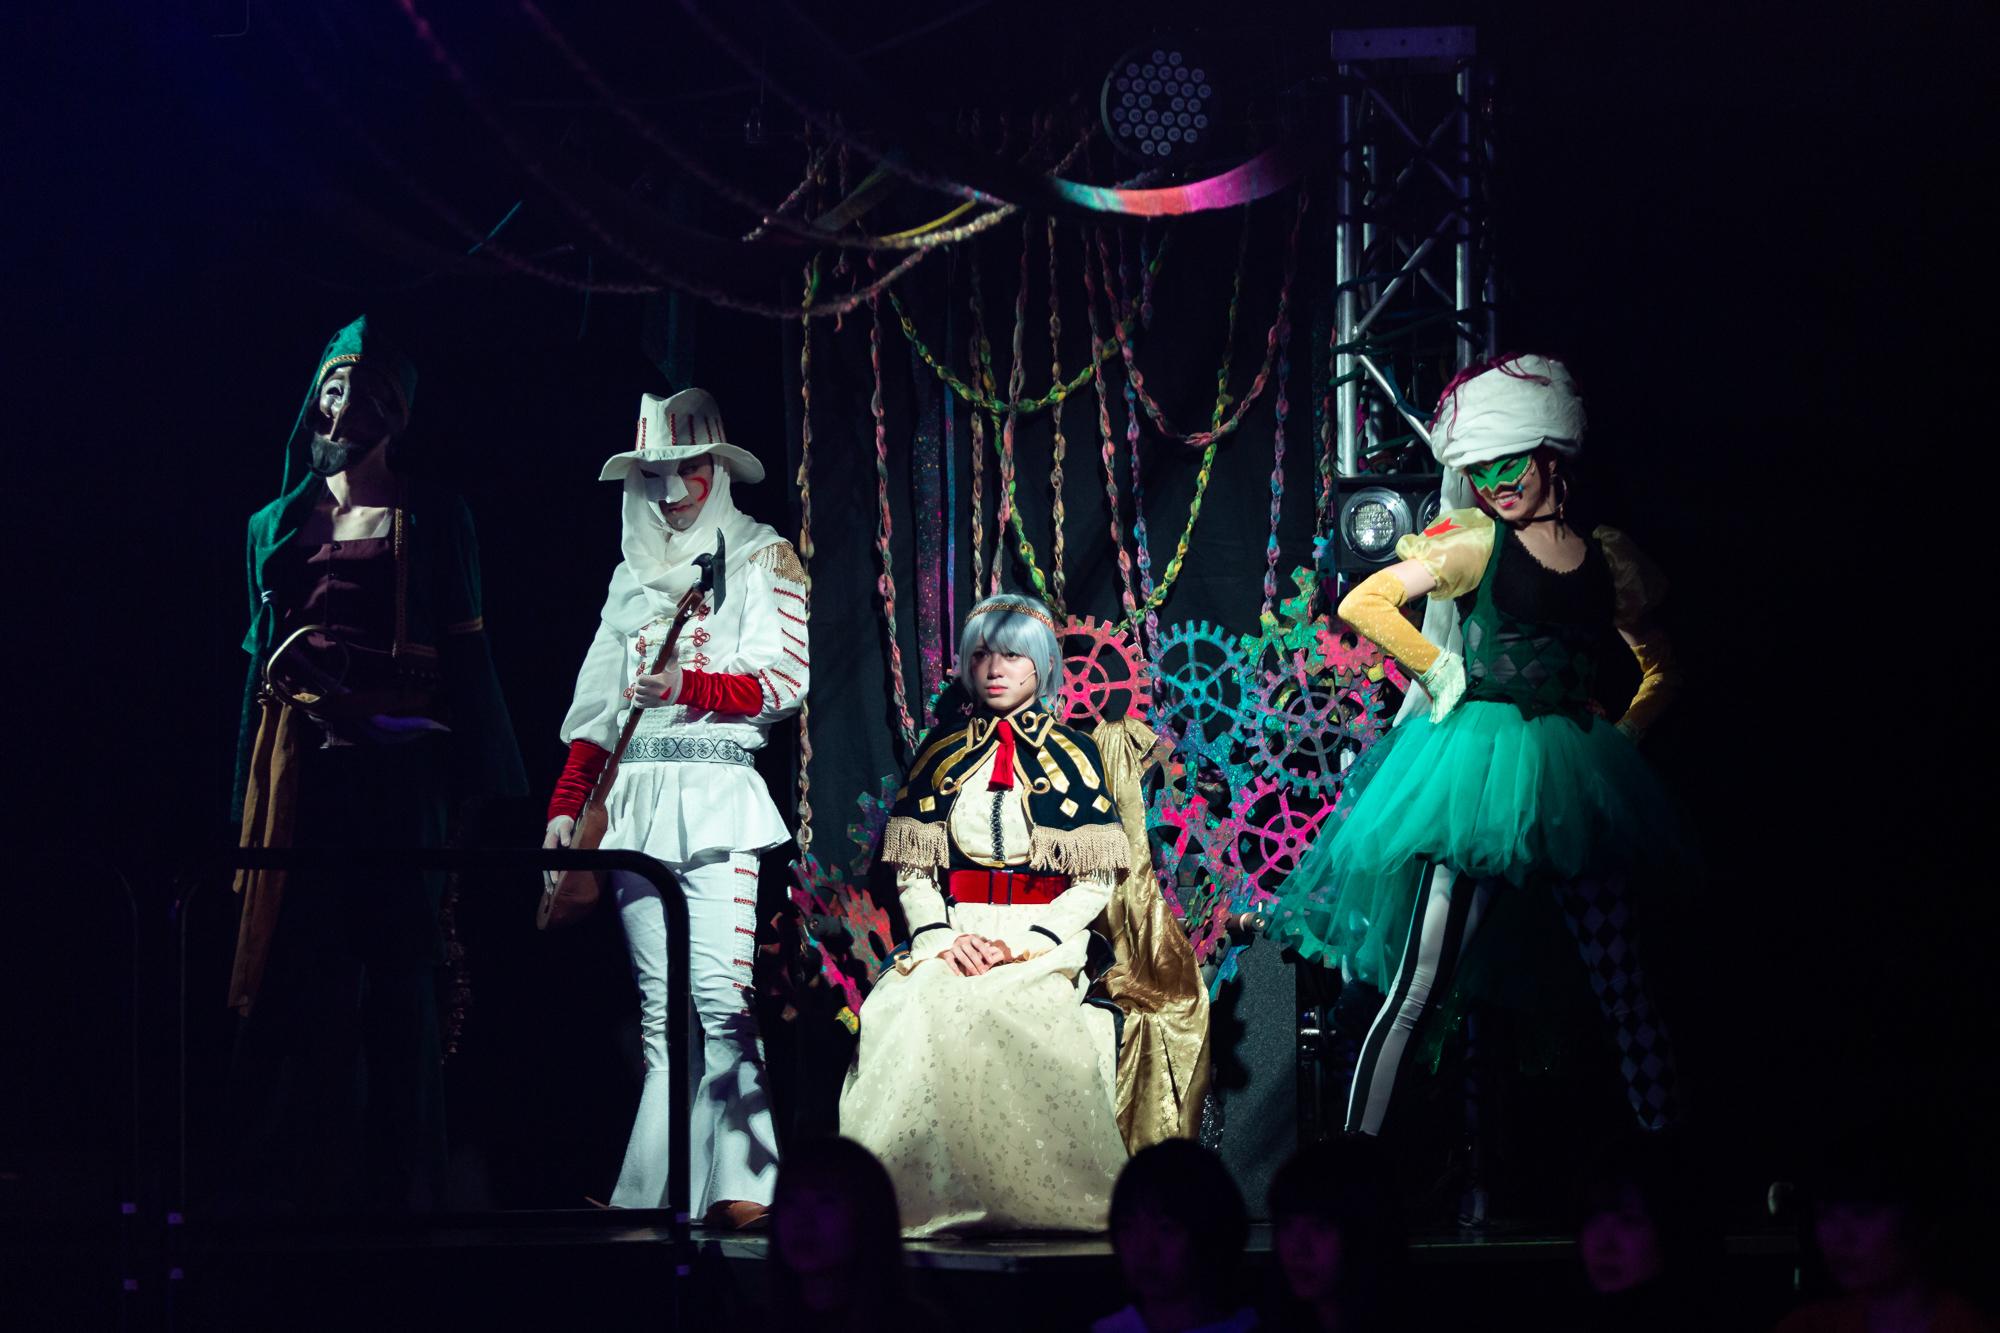 舞台劇「からくりサーカス」続編が10月に上演決定 キャストは深澤大河・滝川広大ら5名が続投 イメージ画像